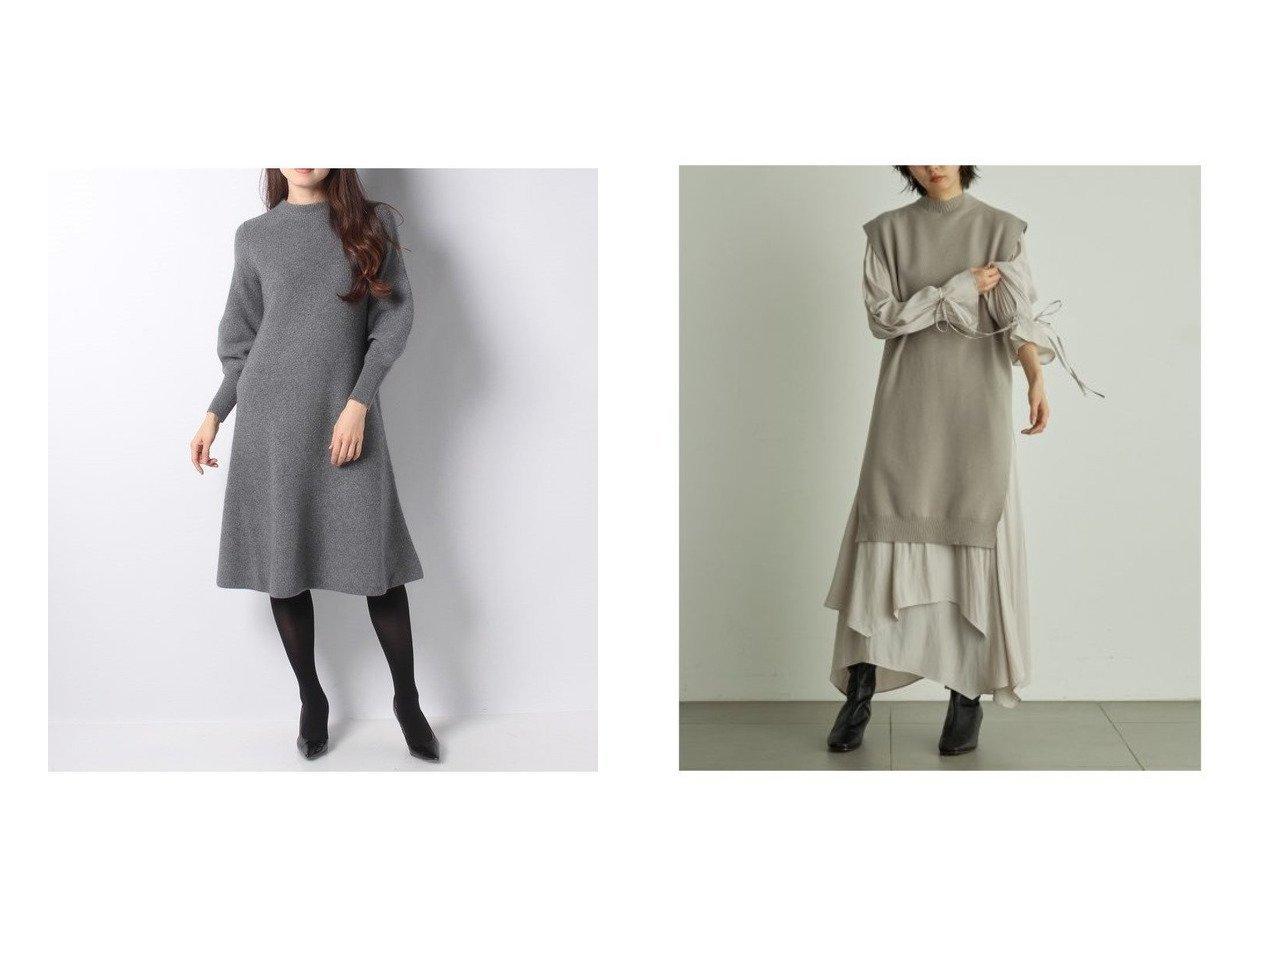 【ANAYI/アナイ】のラクーンウールカタアゼパフスリーブワンピース&【SNIDEL/スナイデル】のベストセットワンピース ワンピース・ドレスのおすすめ!人気、レディースファッションの通販  おすすめで人気のファッション通販商品 インテリア・家具・キッズファッション・メンズファッション・レディースファッション・服の通販 founy(ファニー) https://founy.com/ ファッション Fashion レディース WOMEN ワンピース Dress シェイプ バングル 今季 シフォン スタンド スマート スリット スリーブ セパレート なめらか フェミニン フレンチ ベスト ラベンダー ロング 冬 Winter  ID:crp329100000003339